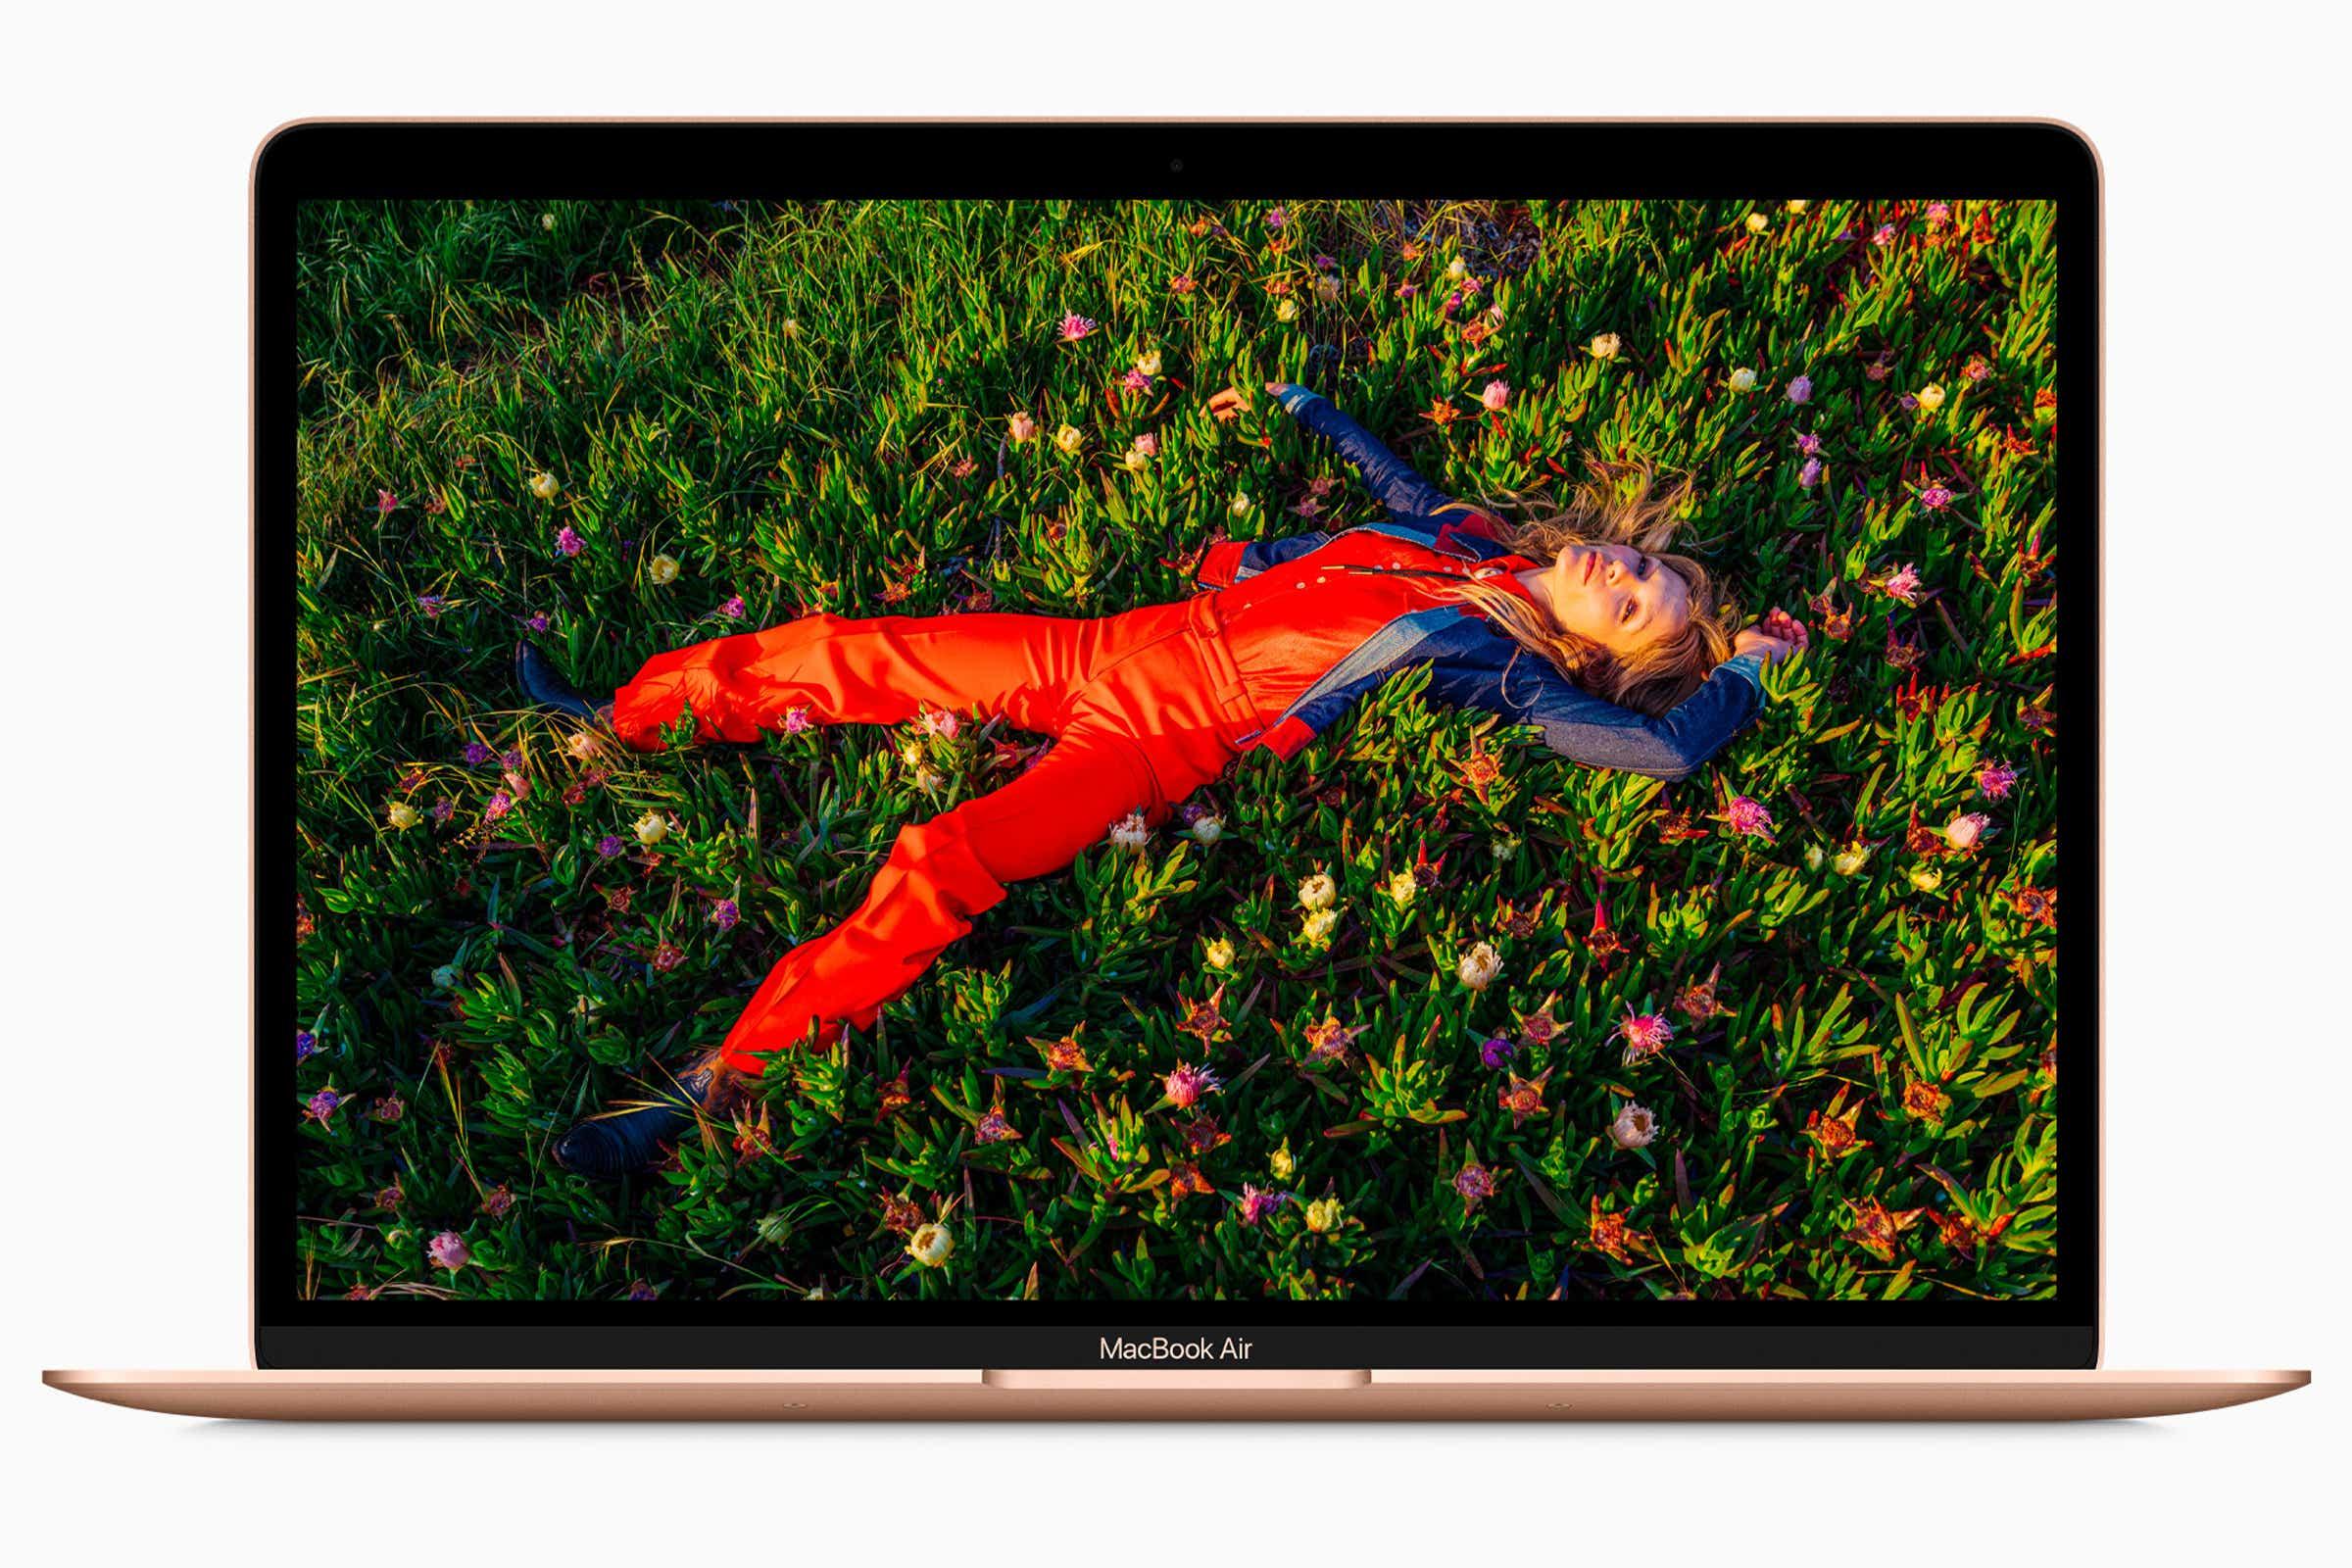 MacBook Air (M1, 8‑core CPU, 8‑Core GPU, 5126GB storage)